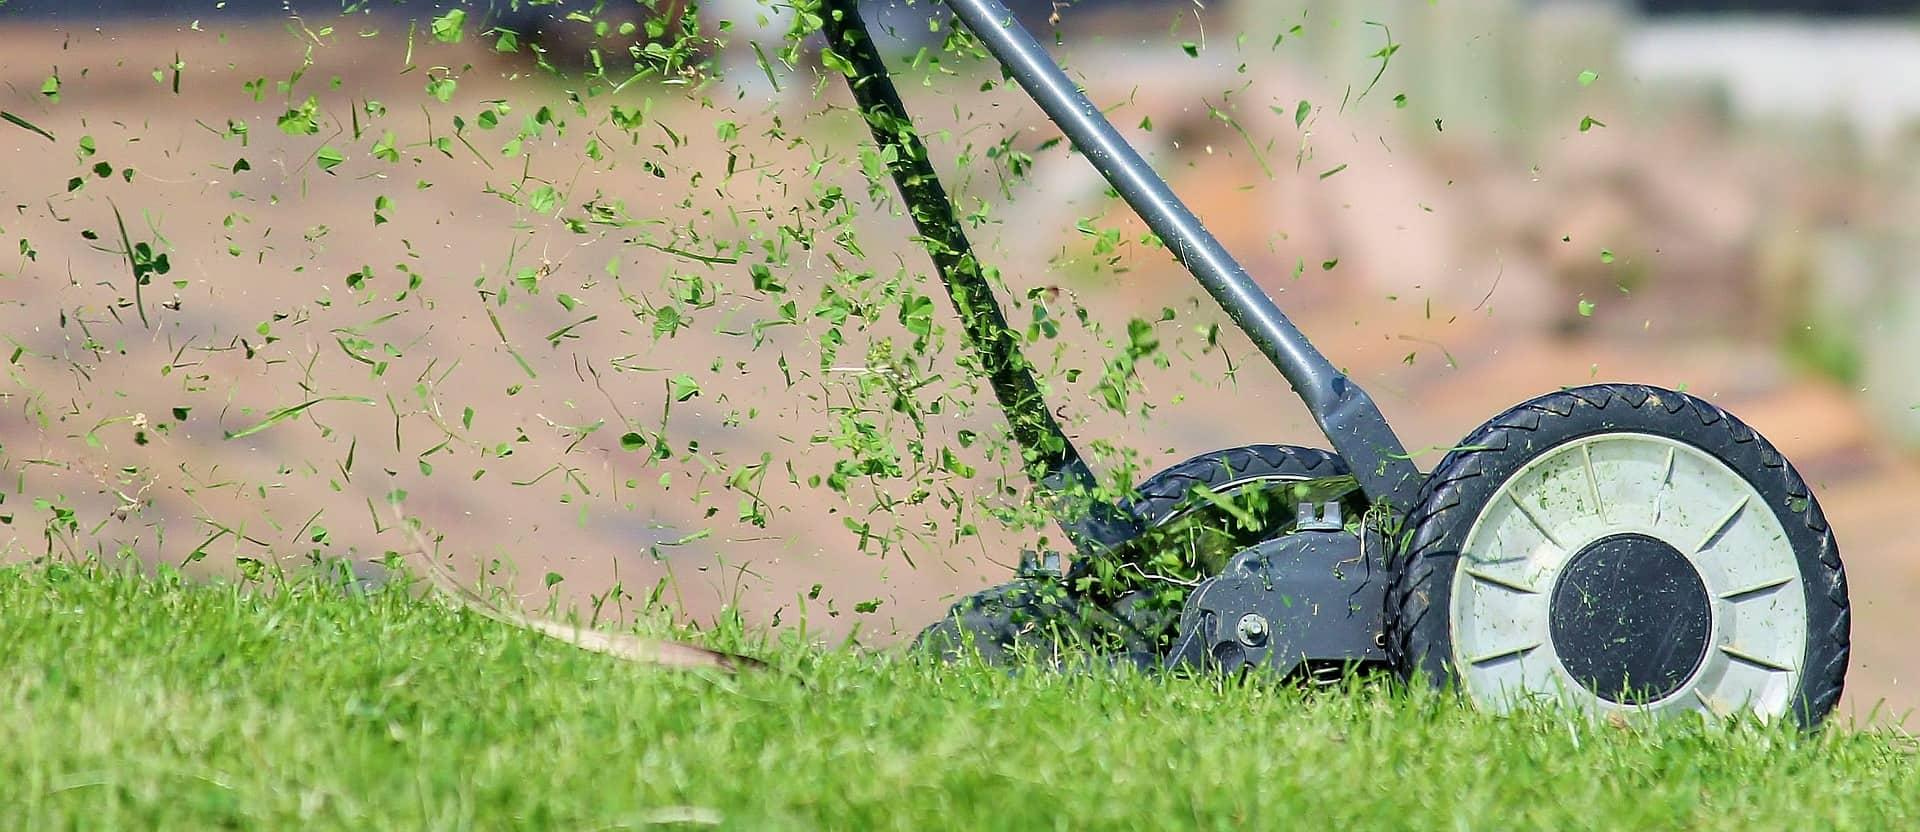 Imagem mostra cortador de grama manual em close.